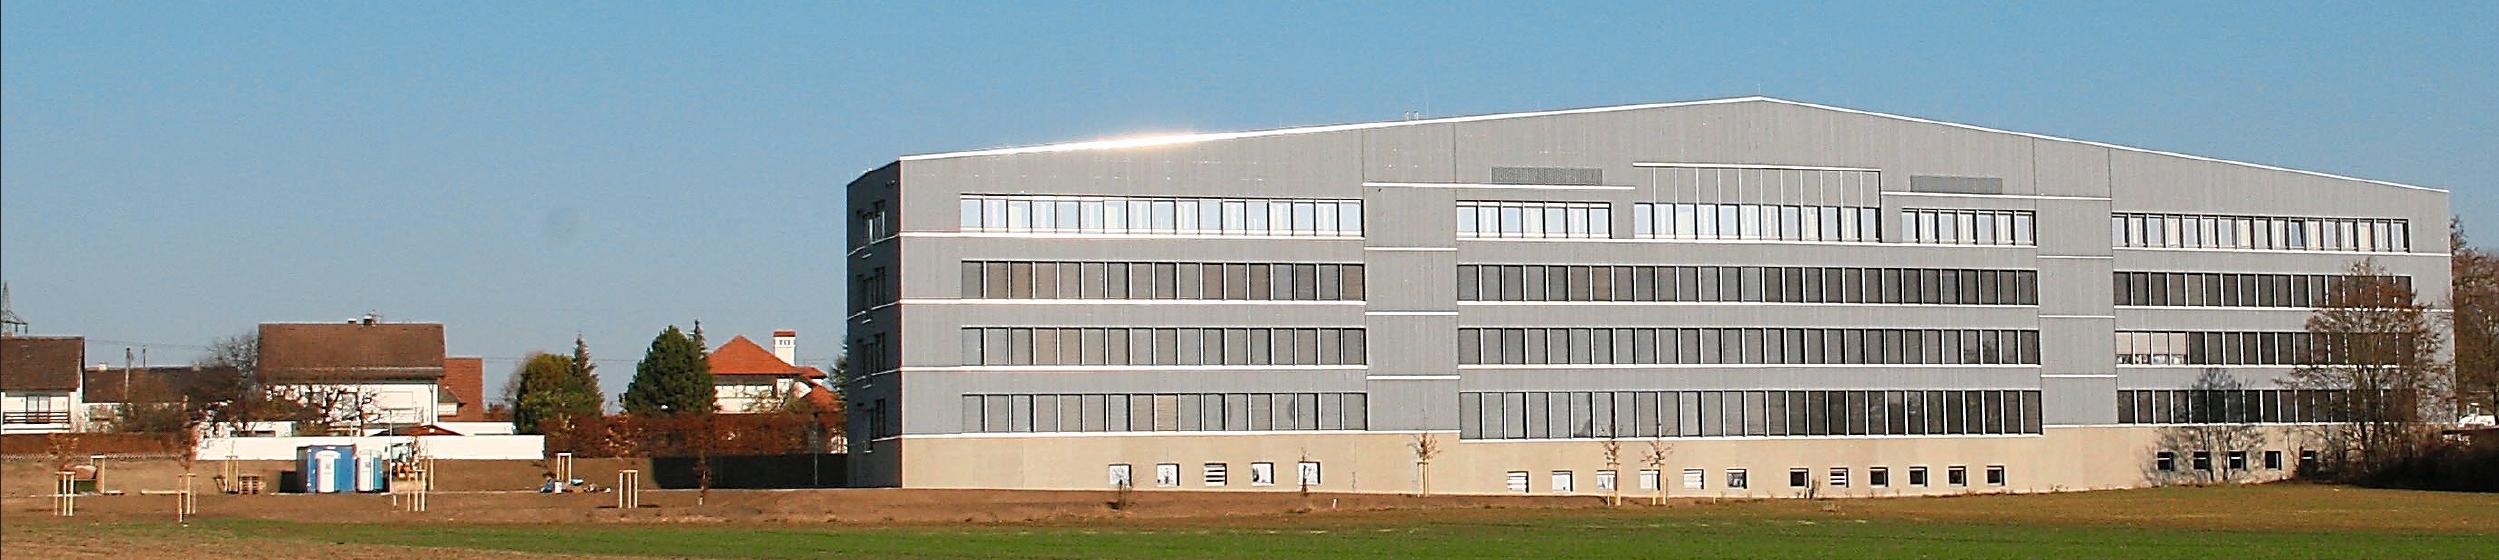 Ein imposantes Gebäude: Das neue Dienstleistungszentrum des Landratsamtes Eichstätt ist 100 Meter lang und vier Etagen hoch. Fotos: Landratsamt Eichstätt